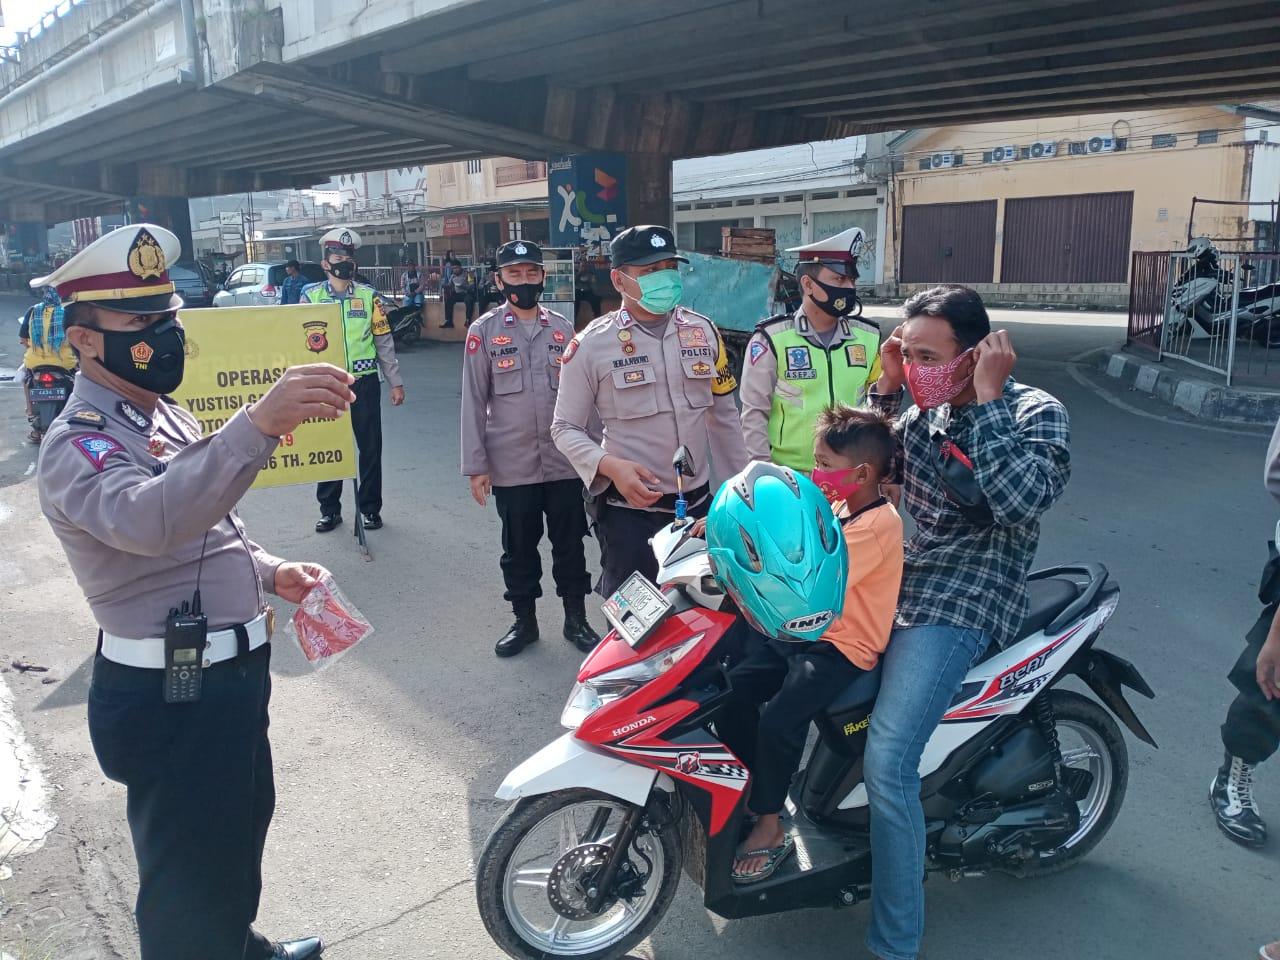 Mendisiplinkan Warga, Polres Subang Polda Jabar Laksanakan Ops Yustisi Mobile